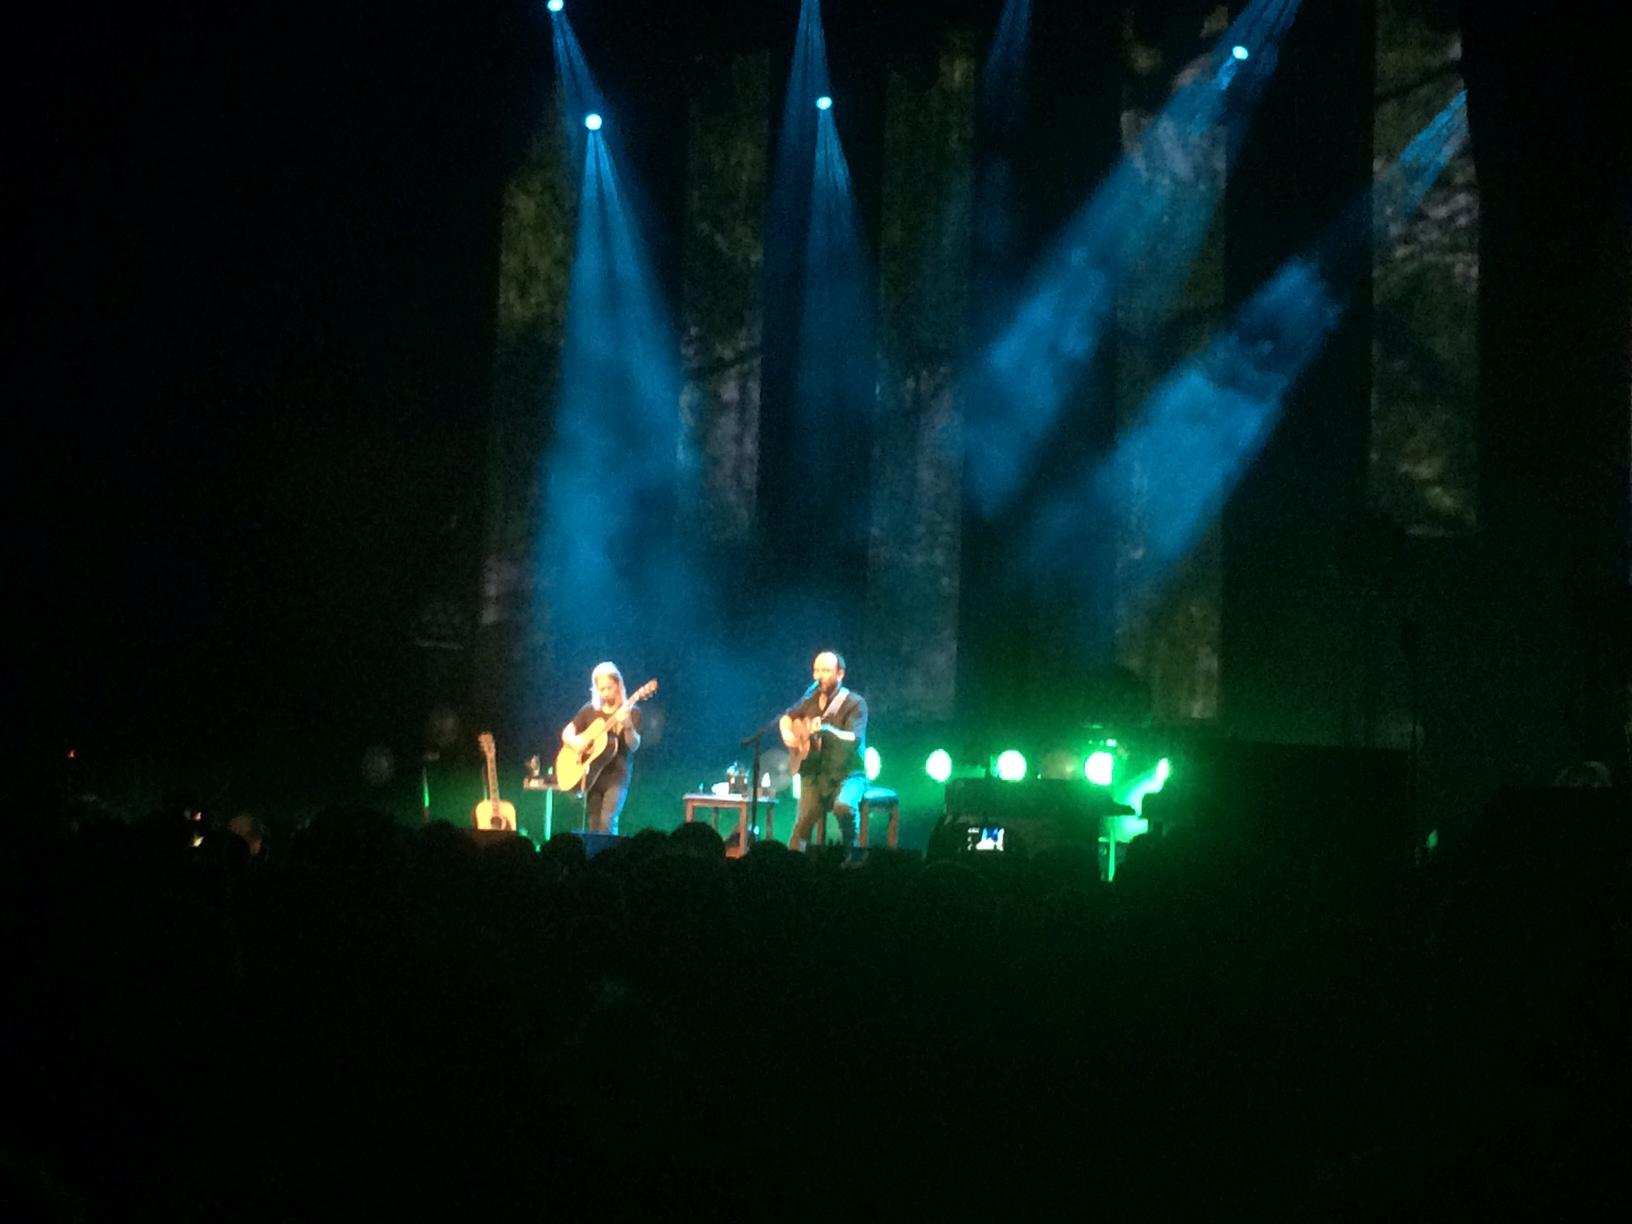 Concertreview: Er gaat niets boven -Groningen- Dave Matthews!